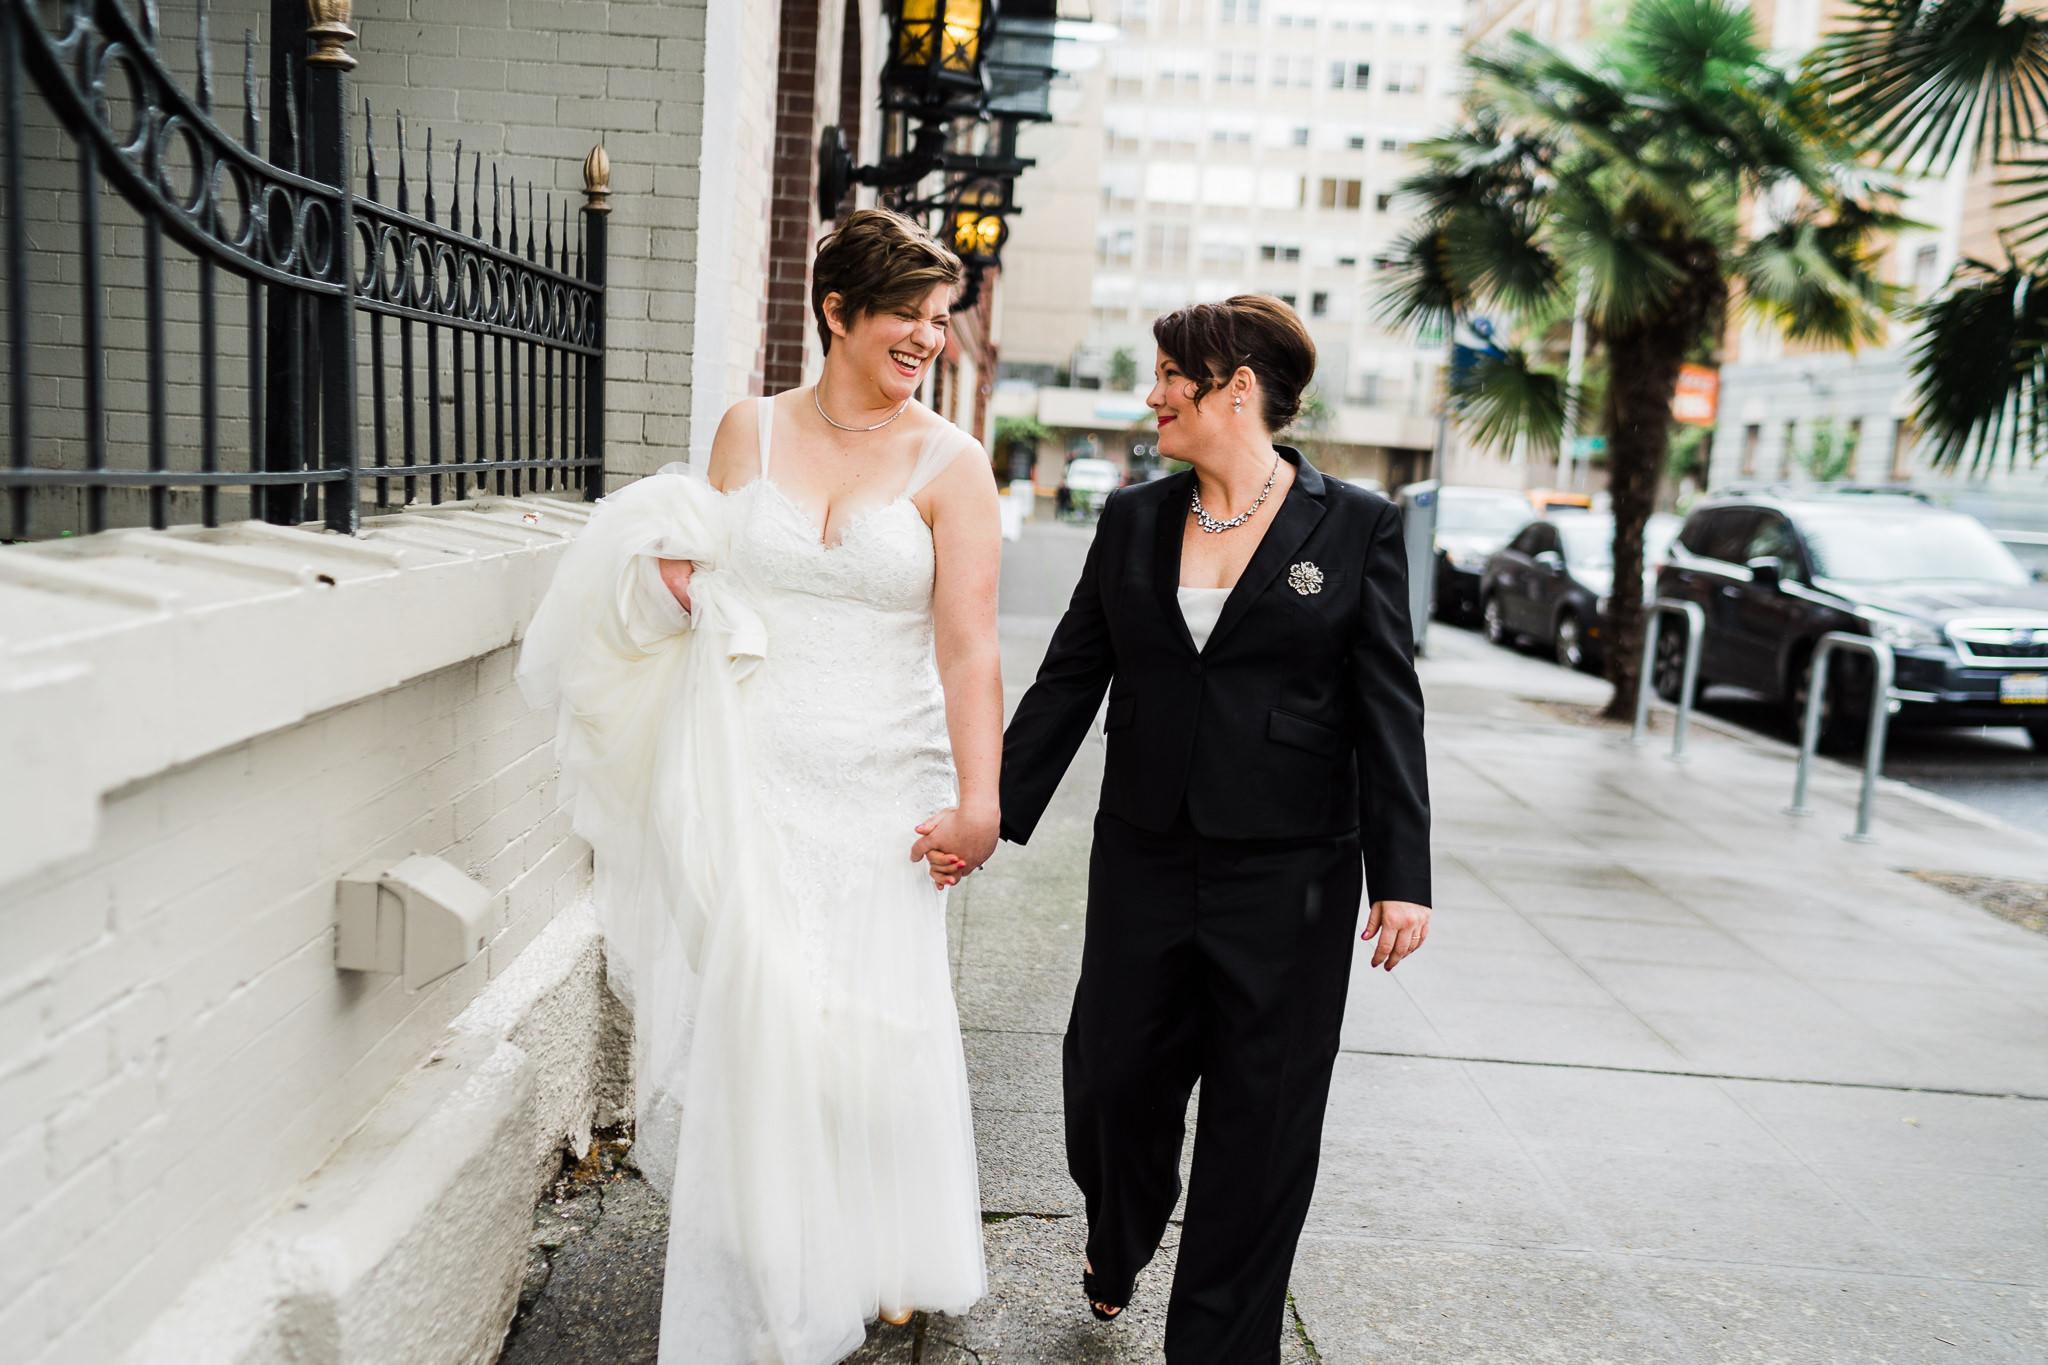 Streets Seattle Lesbian Wedding